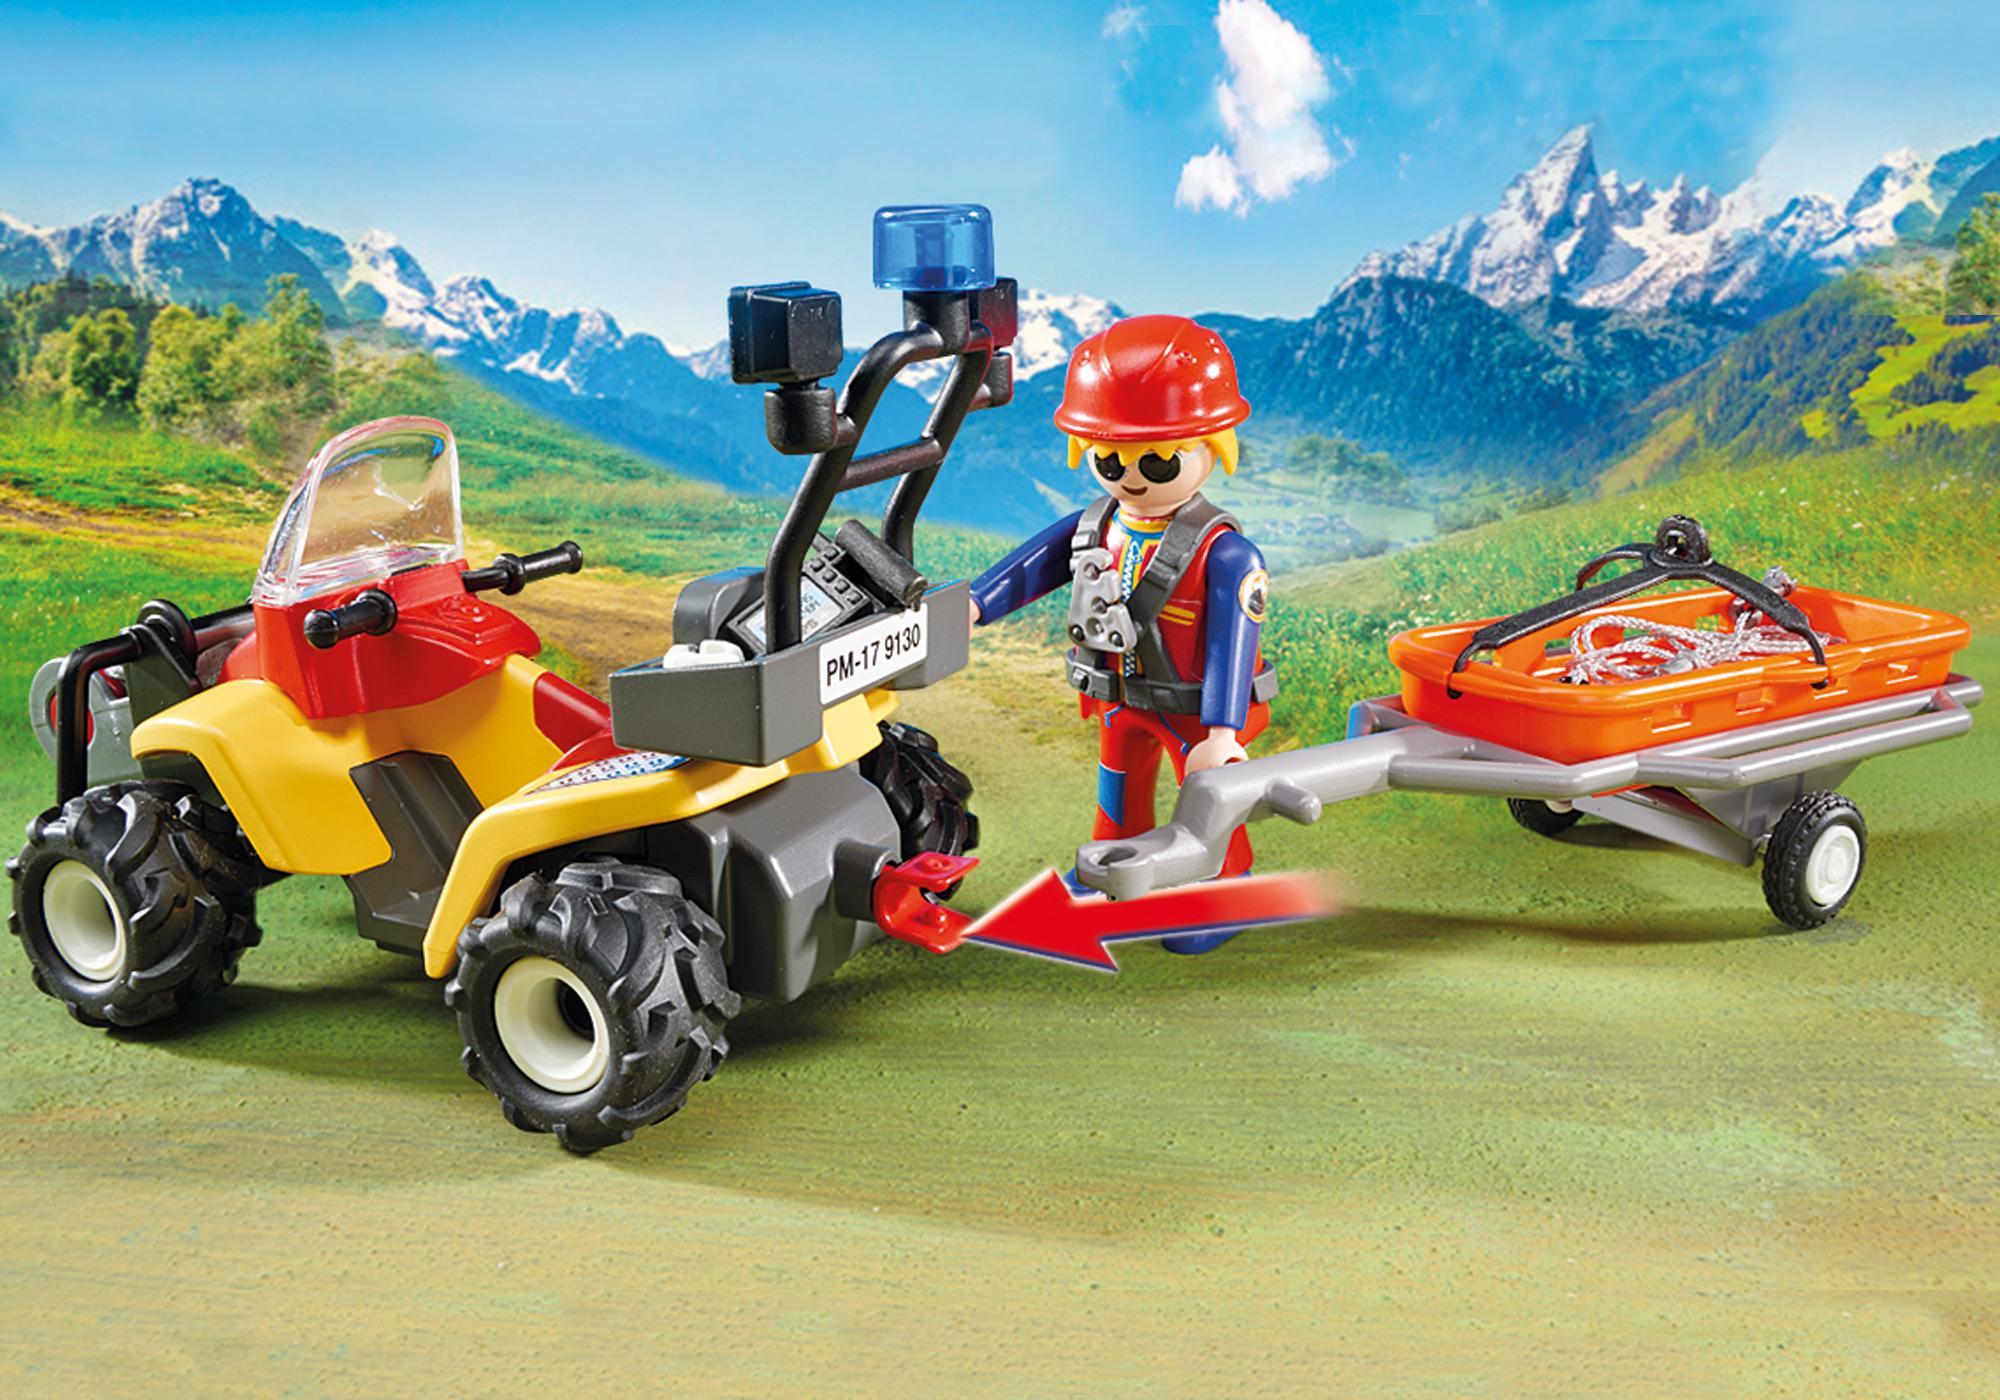 http://media.playmobil.com/i/playmobil/9130_product_extra2/Quad ratownictwa górskiego